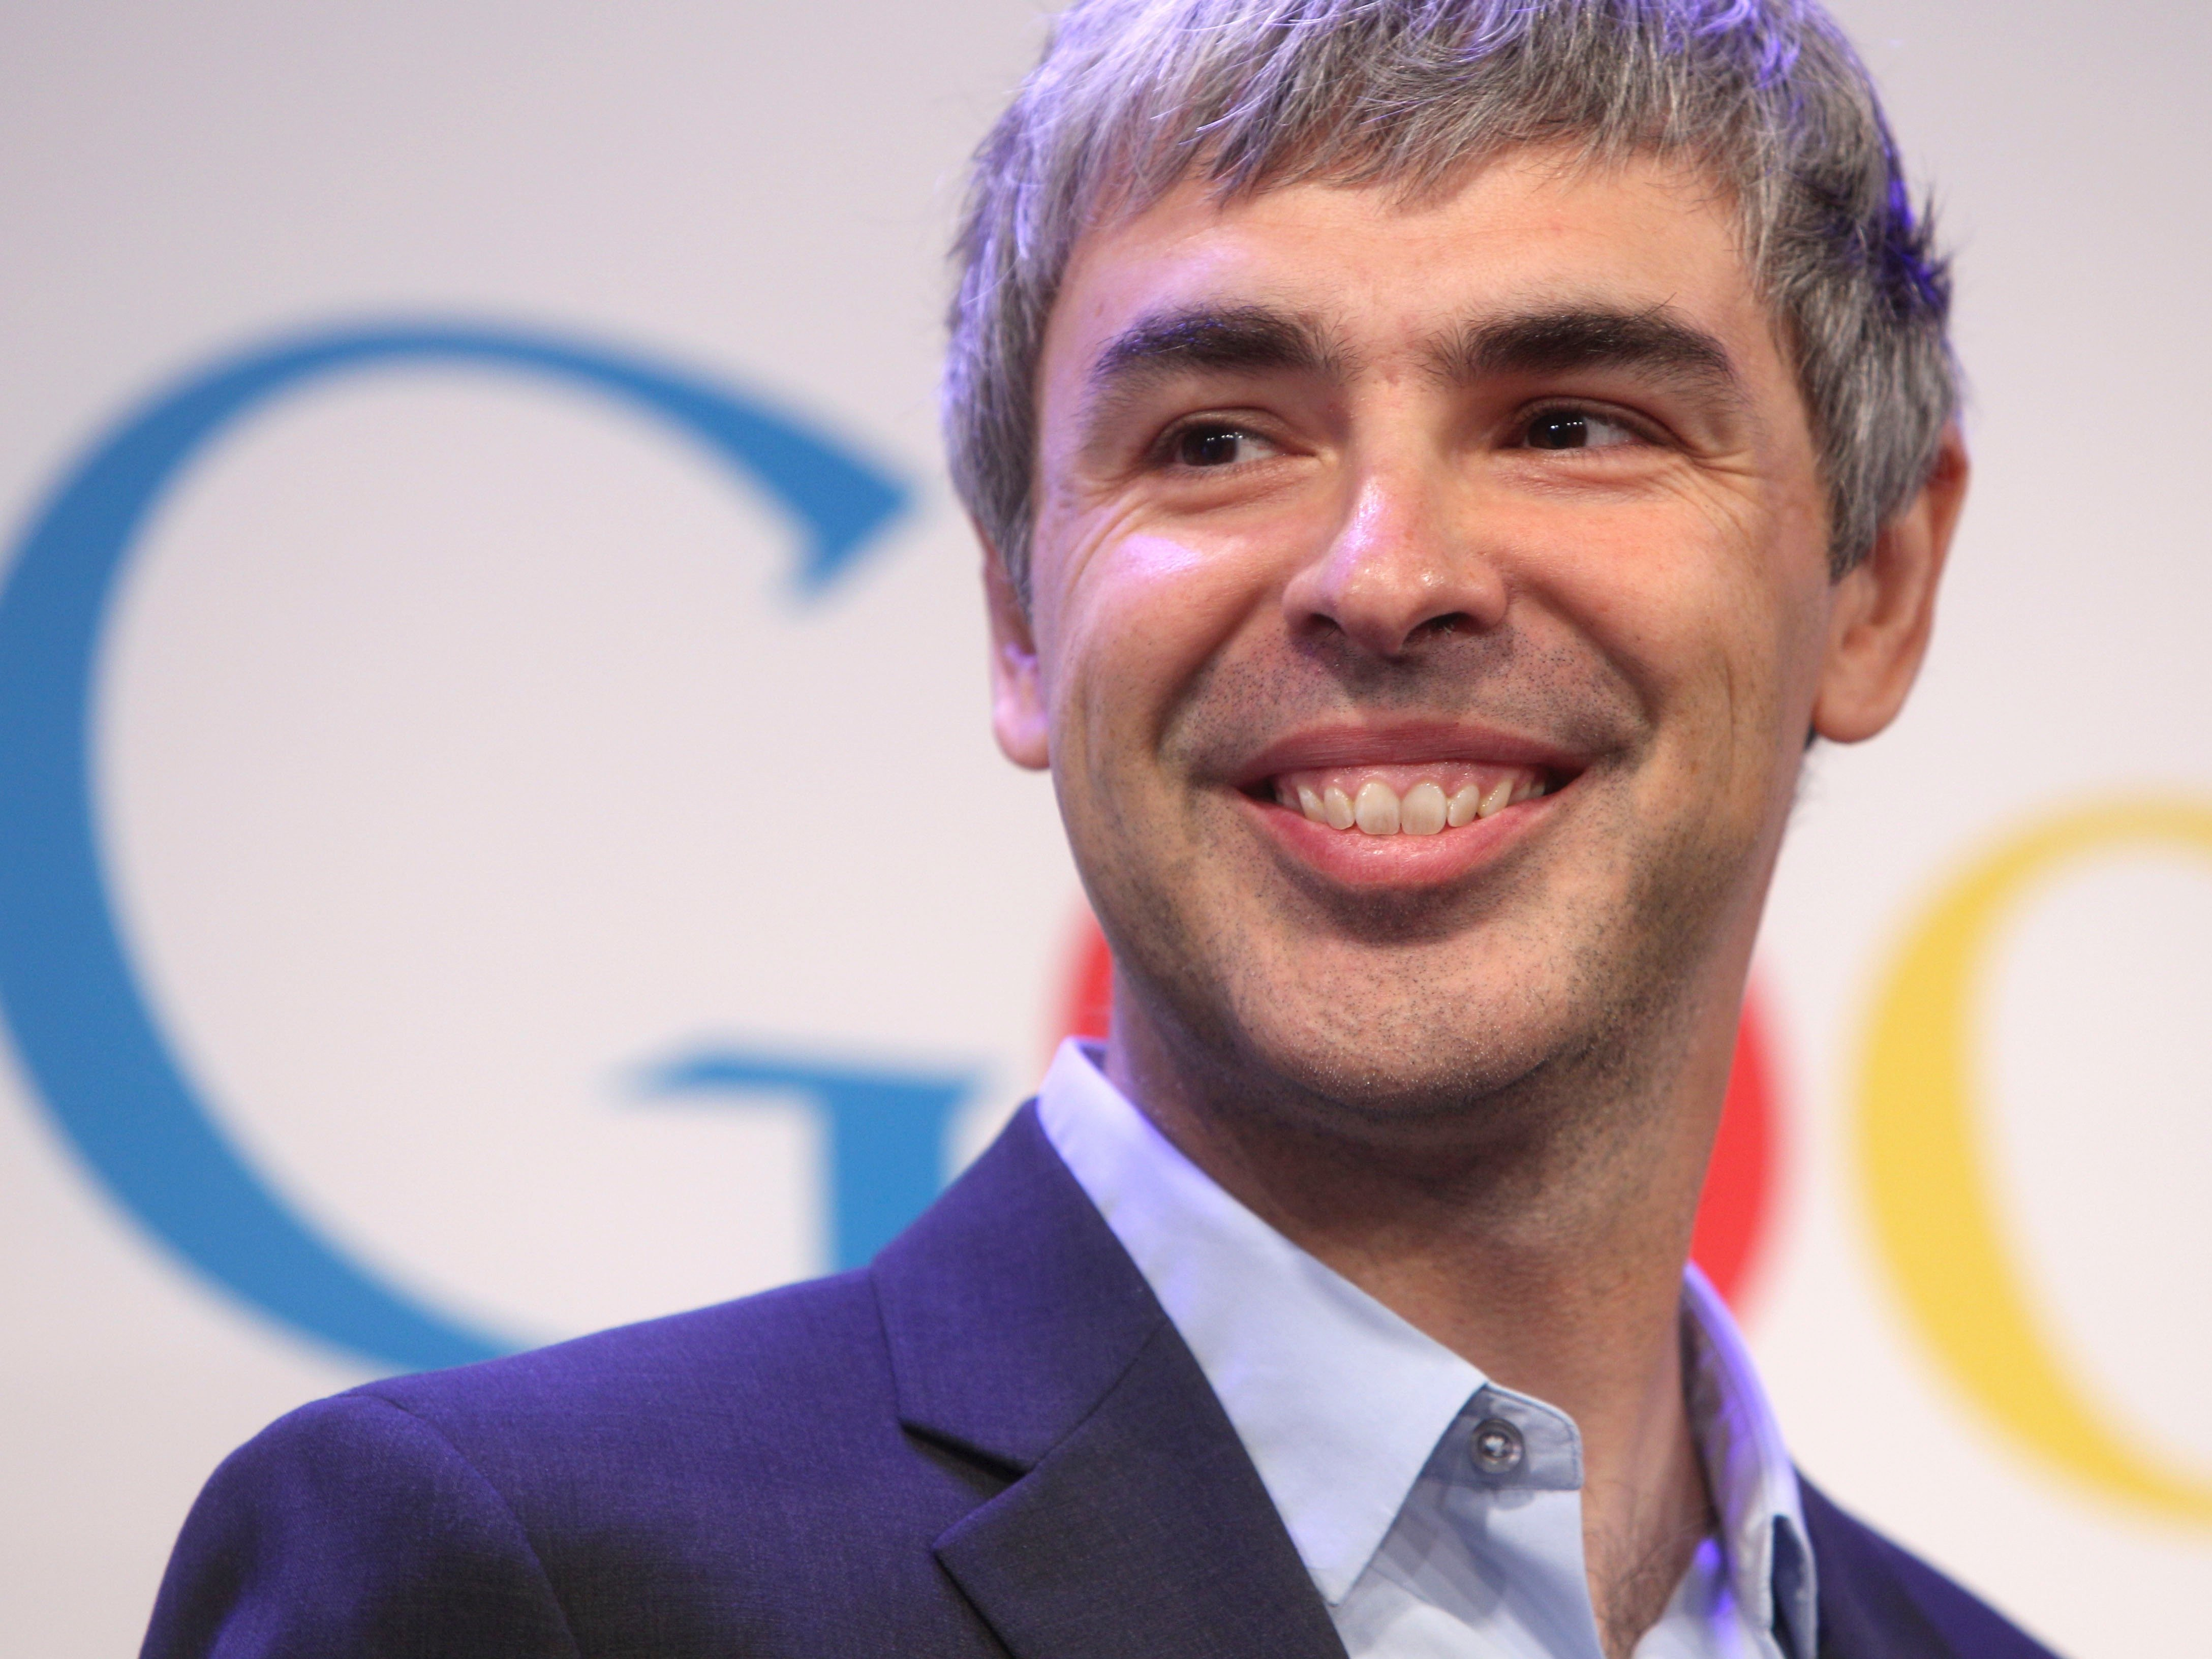 検索したらオファーが来た!?Googleが行った驚くべき採用方法とは?